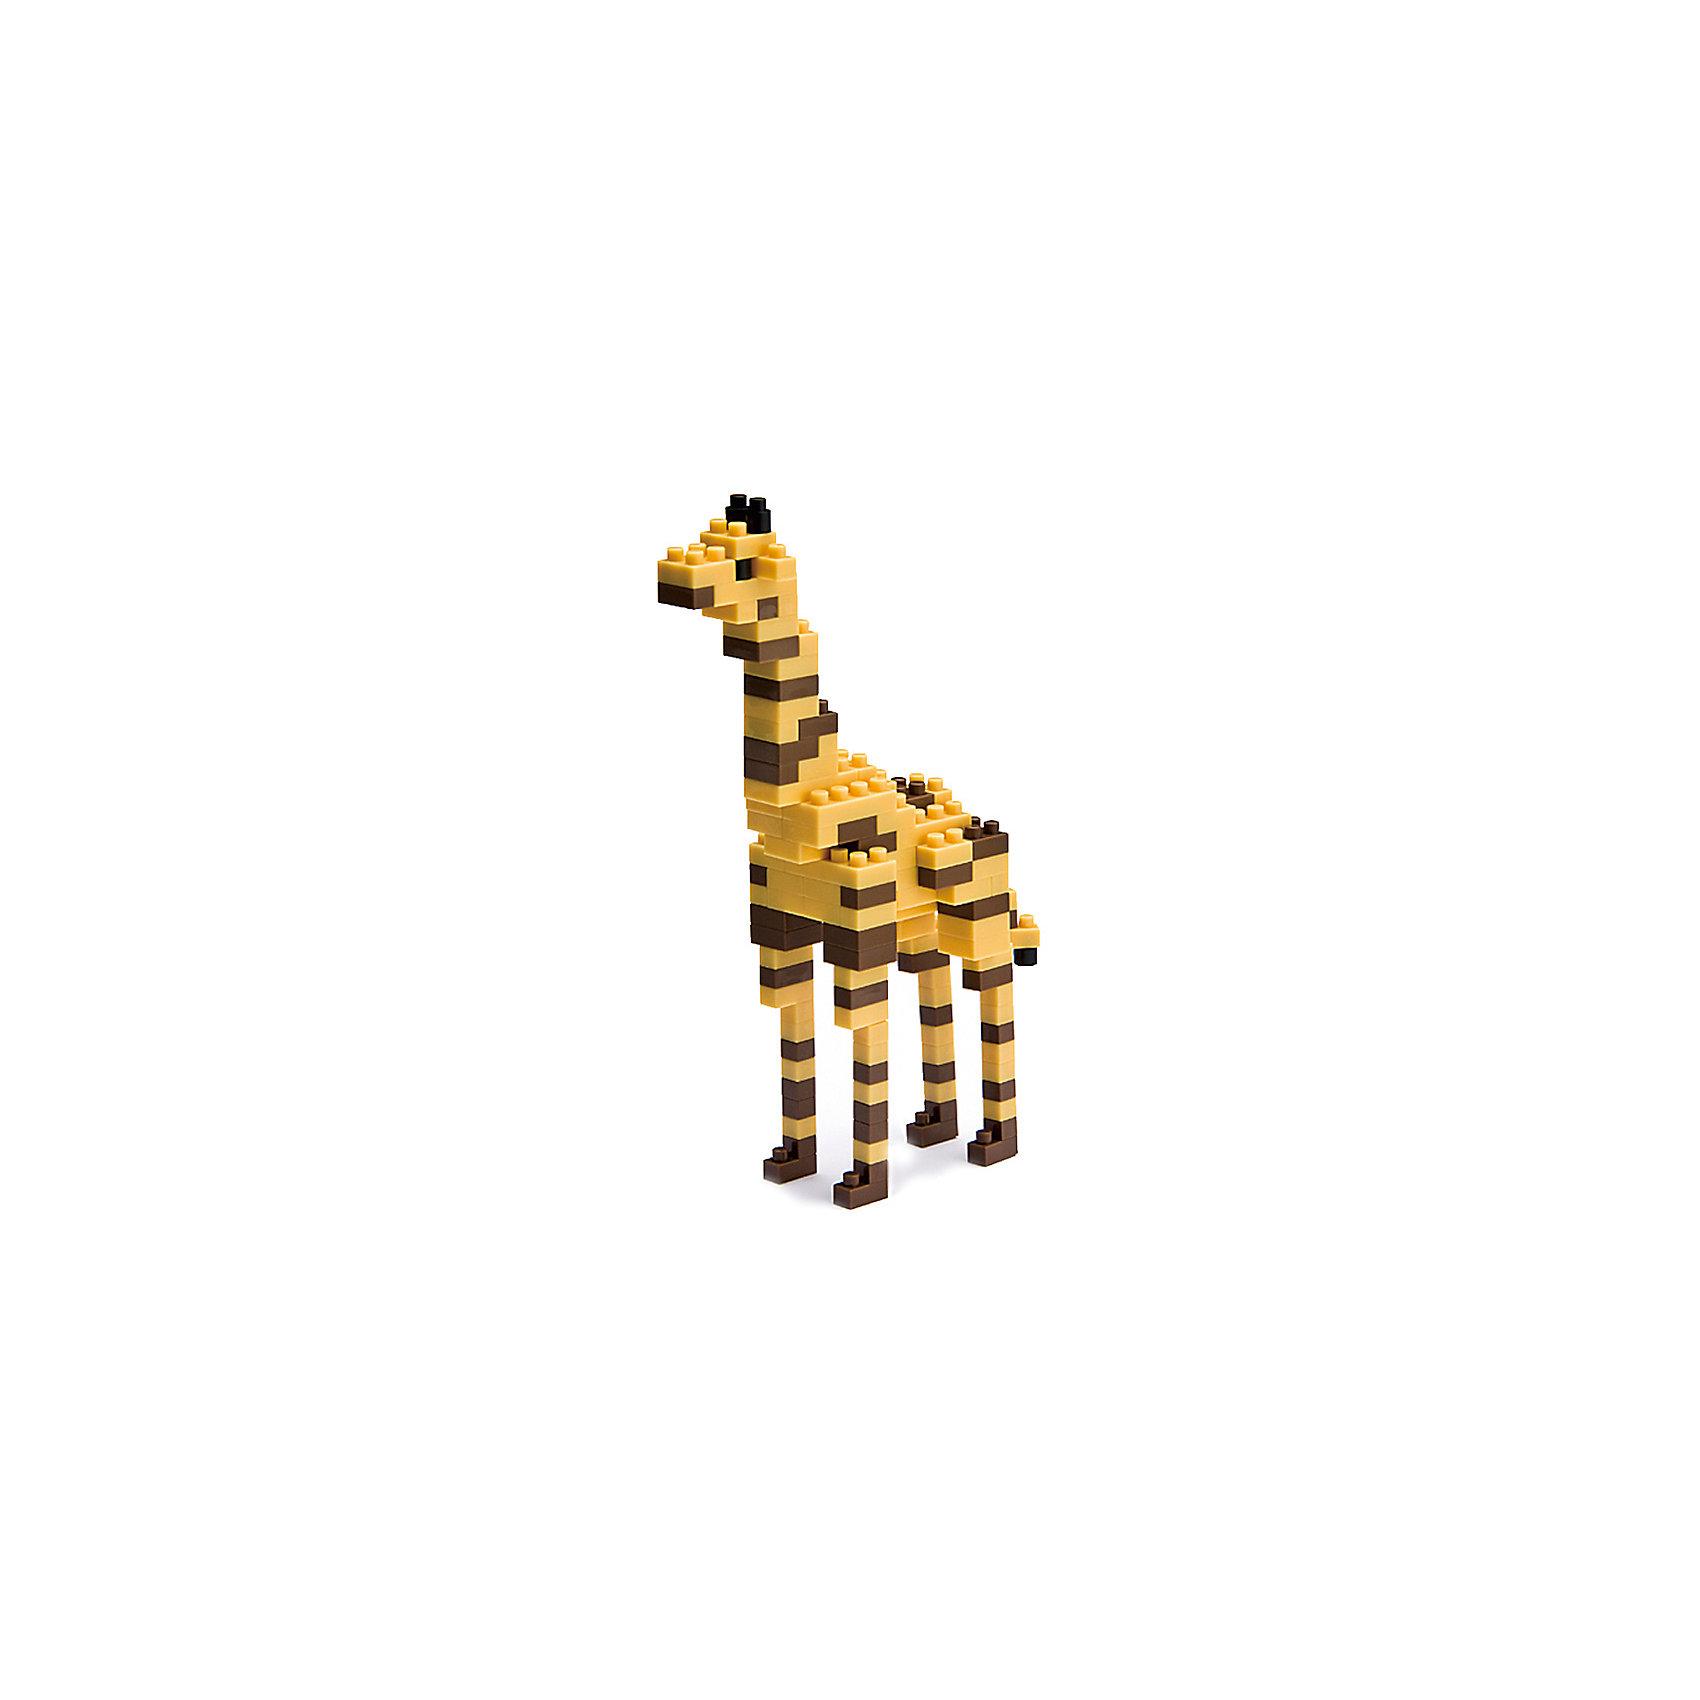 Жираф, nanoblockСтепной жираф - самое высокое из ныне живущих животное, обитает в основном в Африке! Наш нано-жираф, умещающийся на ладони, конечно не блещет ростом, зато как он похож на своего старшего собрата? Теперь не нужно много места, чтобы завести дома жирафа... <br><br>Дополнительная информация:<br><br>Размер собранного жирафа (ДхШхВ): 4х6х10см.<br>Сложность 2 из 8.<br>В комплекте: 130 деталей + запасные, подставка 4х4см, цветная схема сборки.<br>Самая маленькая деталь конструктора - 4х4мм, а классический прямоугольный элемент 2-на-4 точки имеет размер 8х16мм и 5мм высотой.<br><br>Конструктор Жираф, nanoblock (наноблок) можно купить в нашем магазине.<br><br>Ширина мм: 100<br>Глубина мм: 20<br>Высота мм: 180<br>Вес г: 50<br>Возраст от месяцев: 108<br>Возраст до месяцев: 1188<br>Пол: Унисекс<br>Возраст: Детский<br>SKU: 4085712